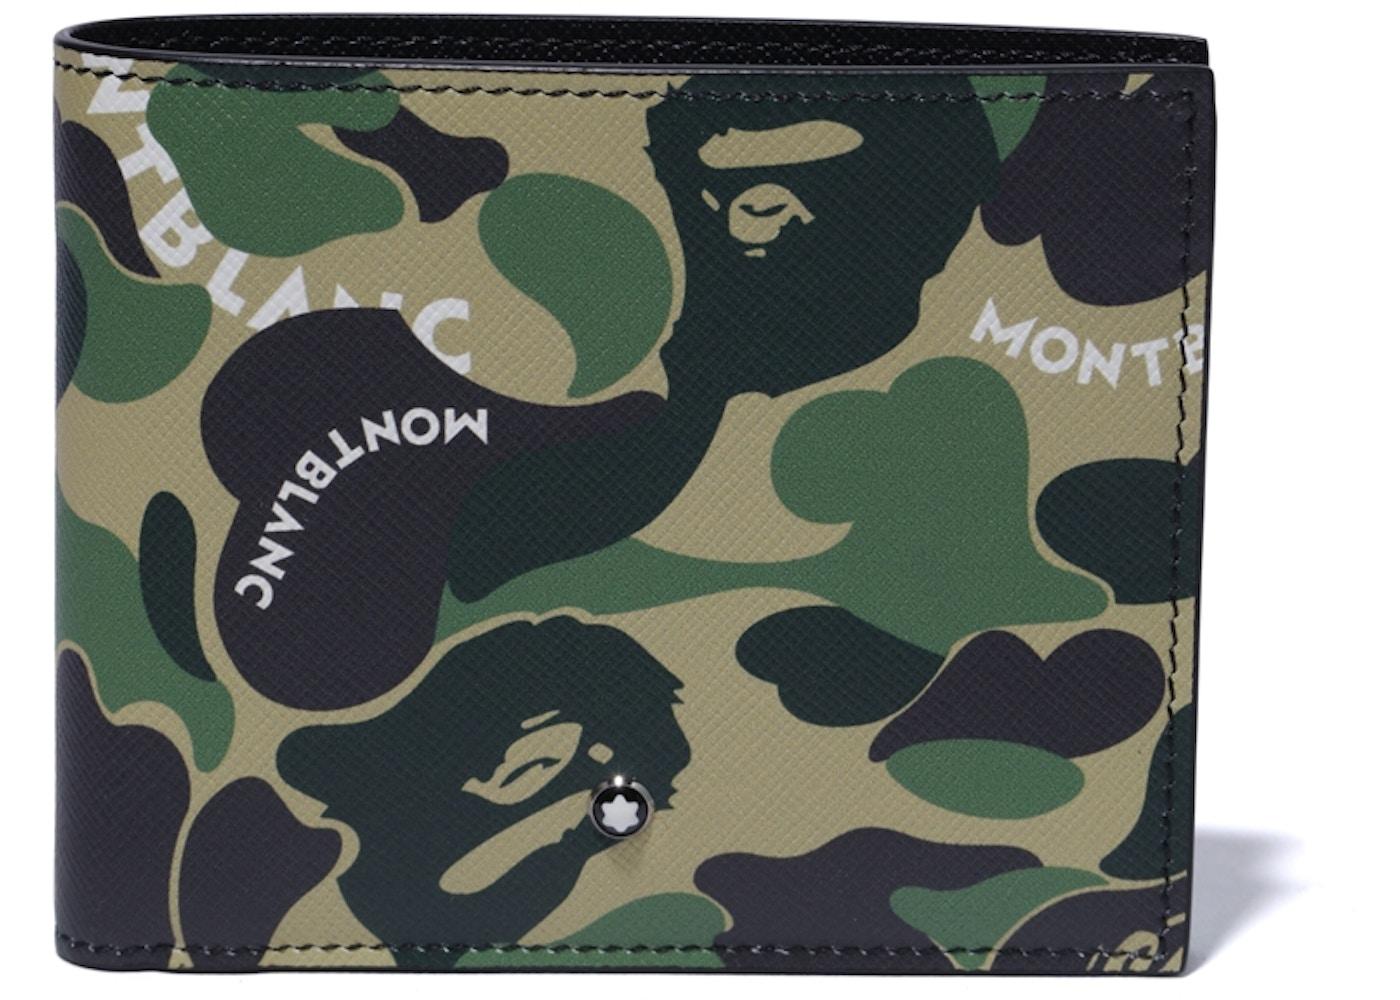 b7e82e57038 BAPE x Montblanc Wallet Green - SS19